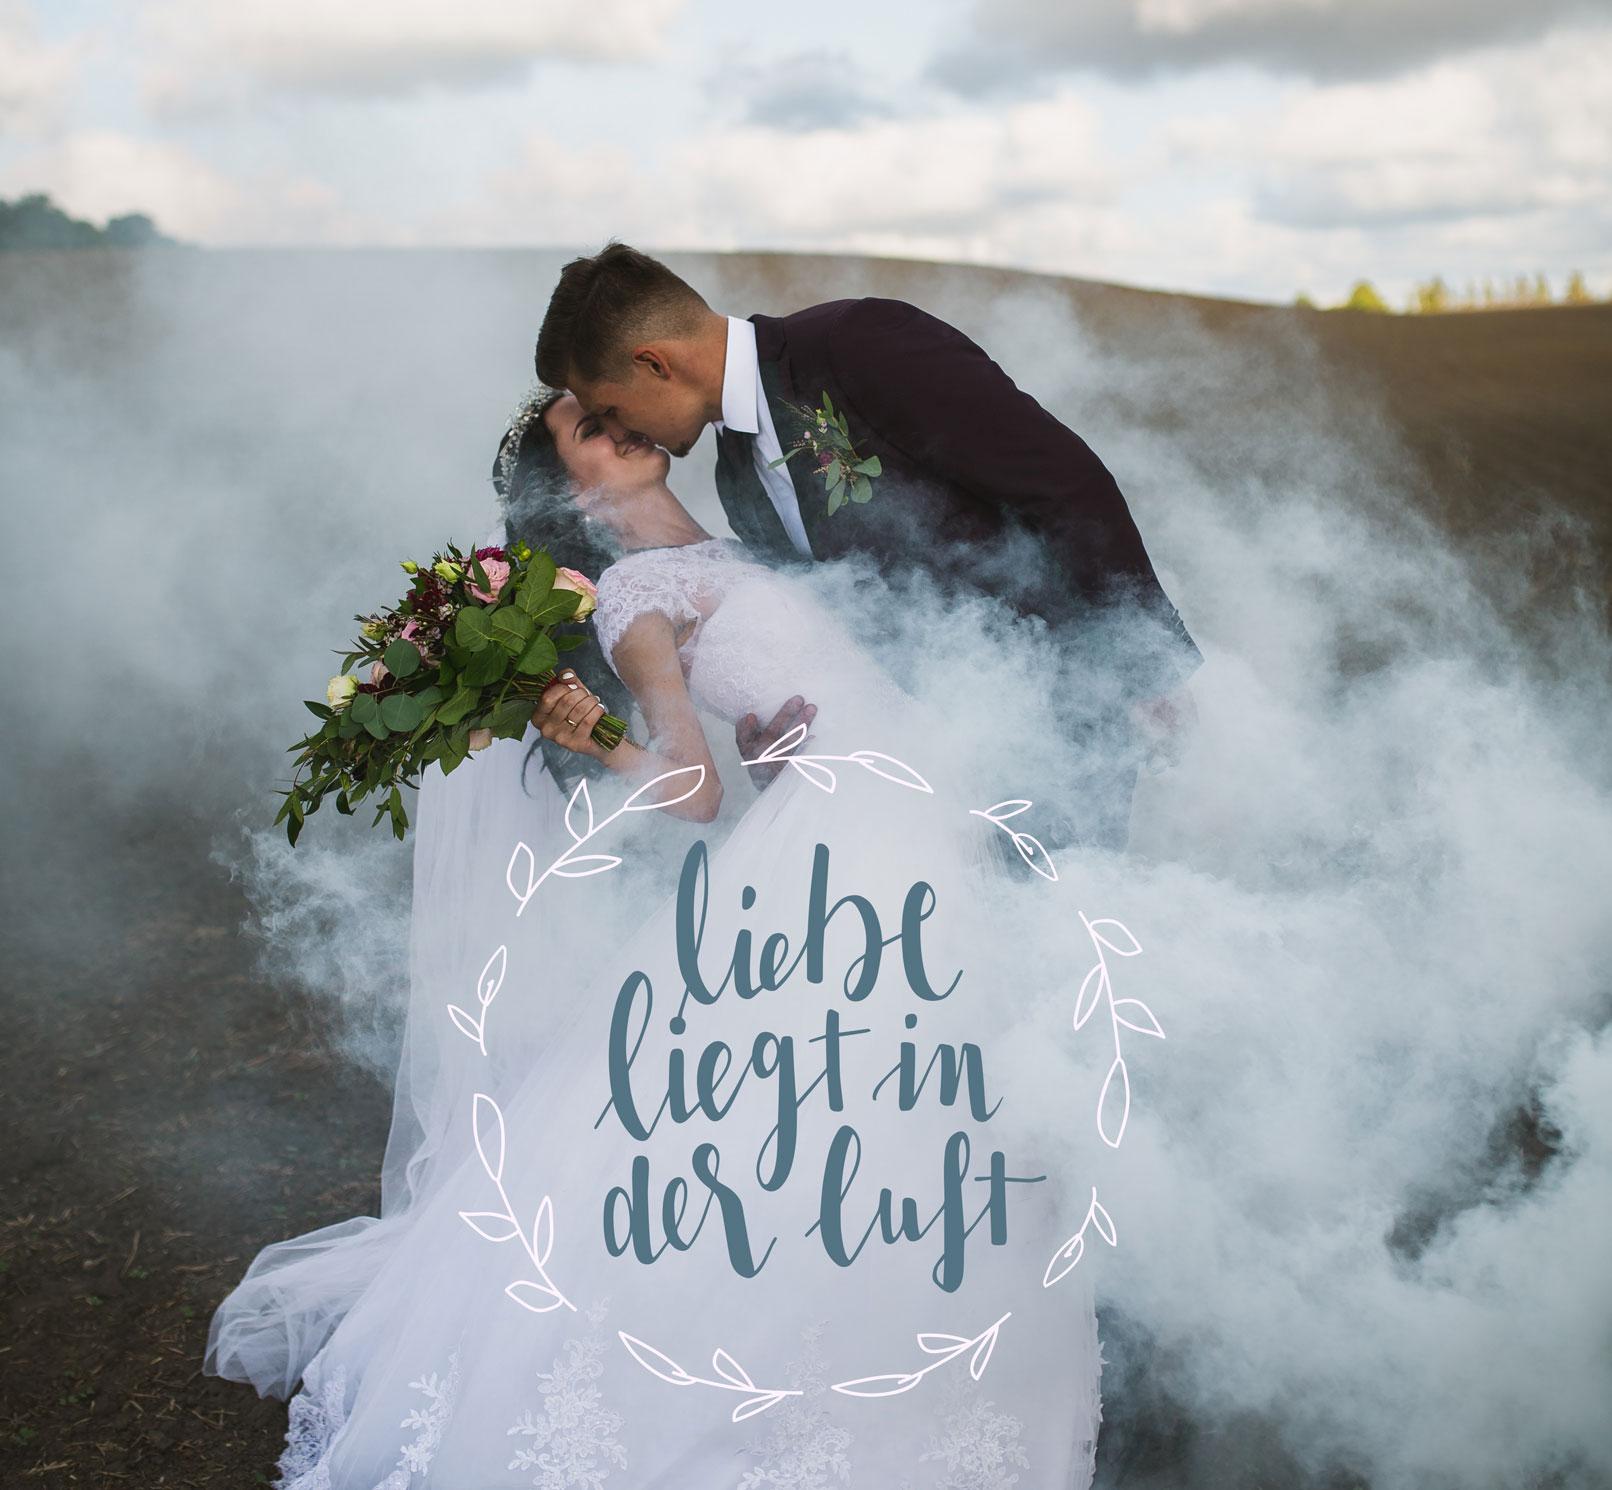 Brautpaar mit Handlettering Liebe liegt in der Luft